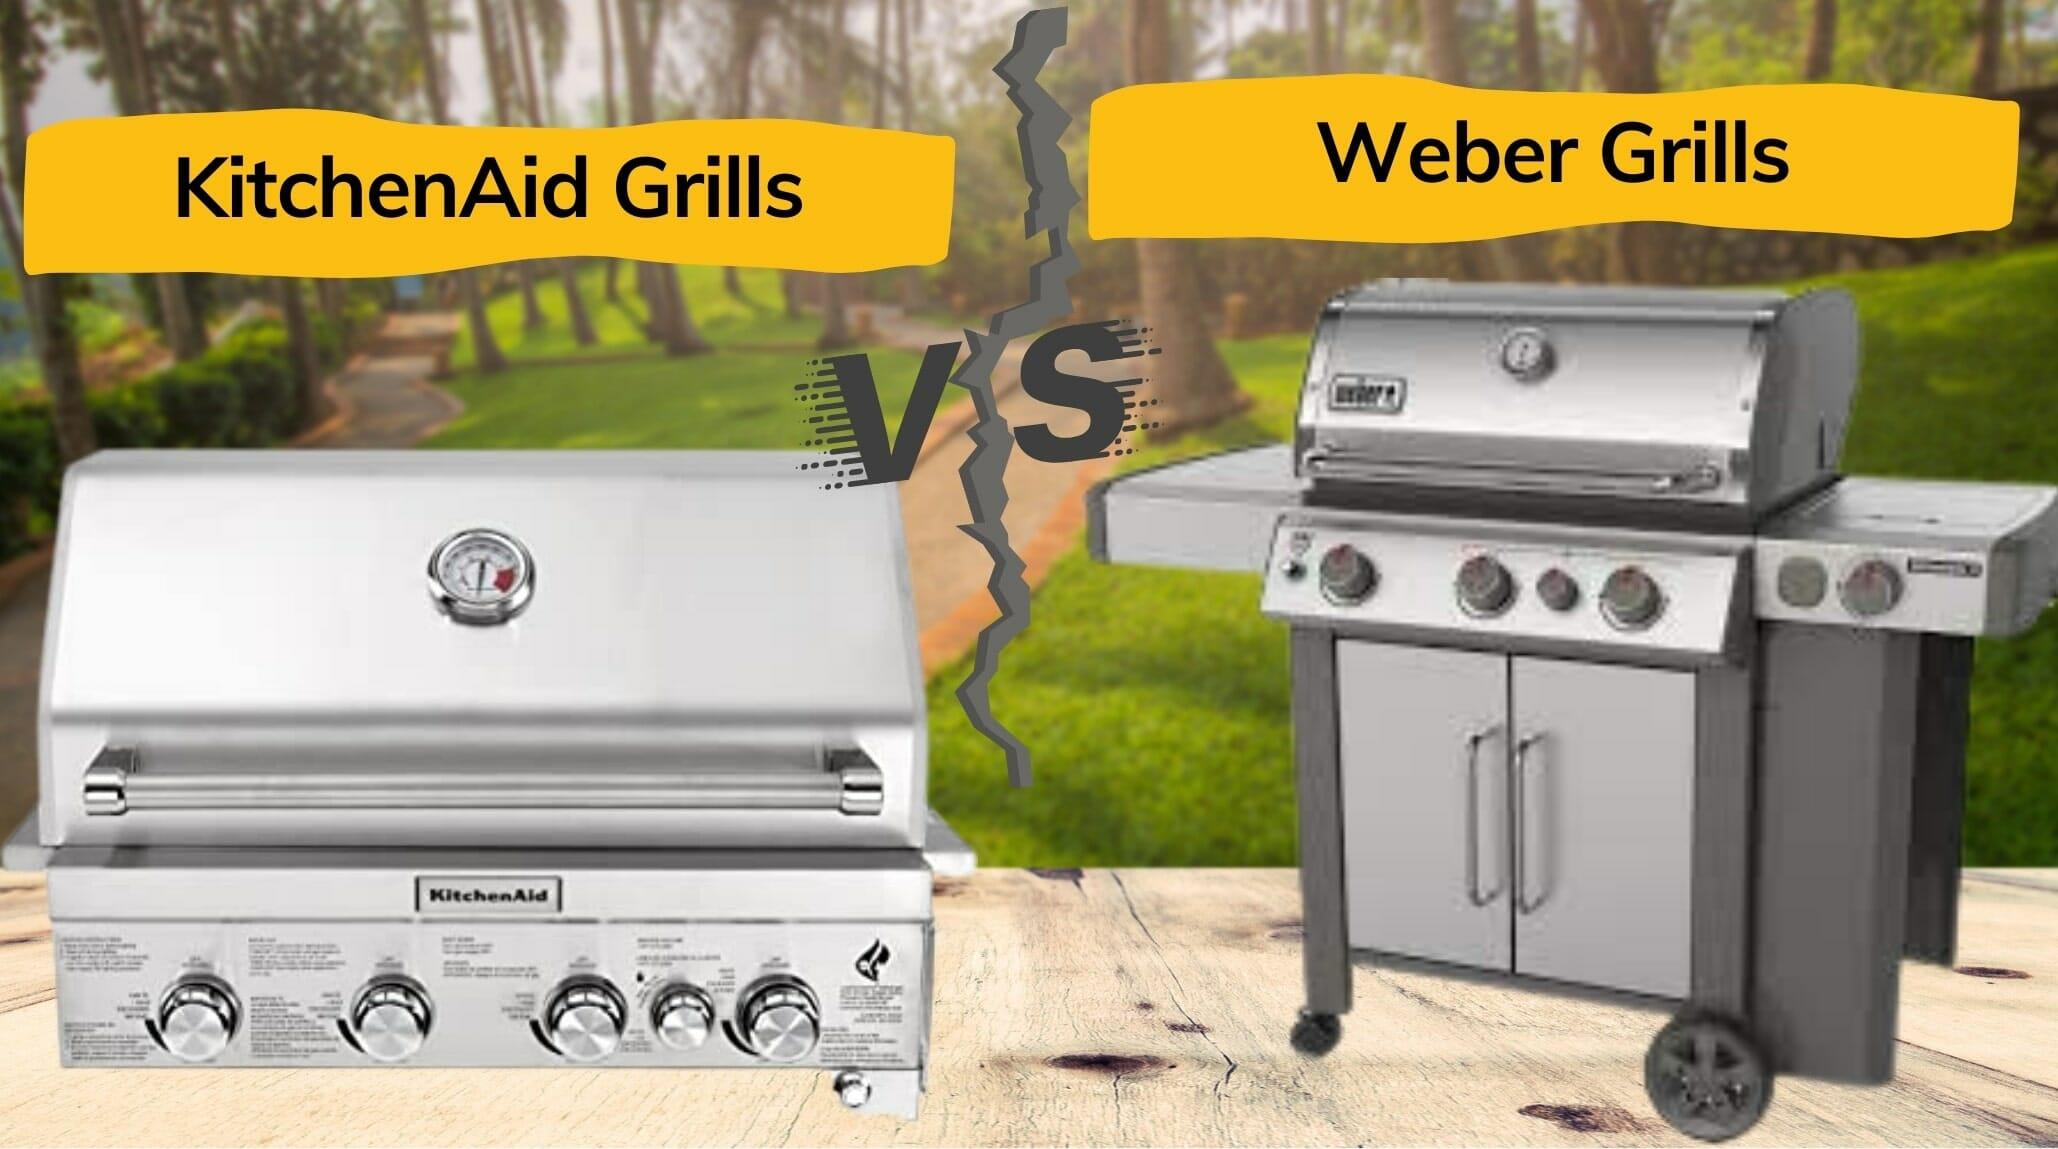 kitchenaid grills vs weber